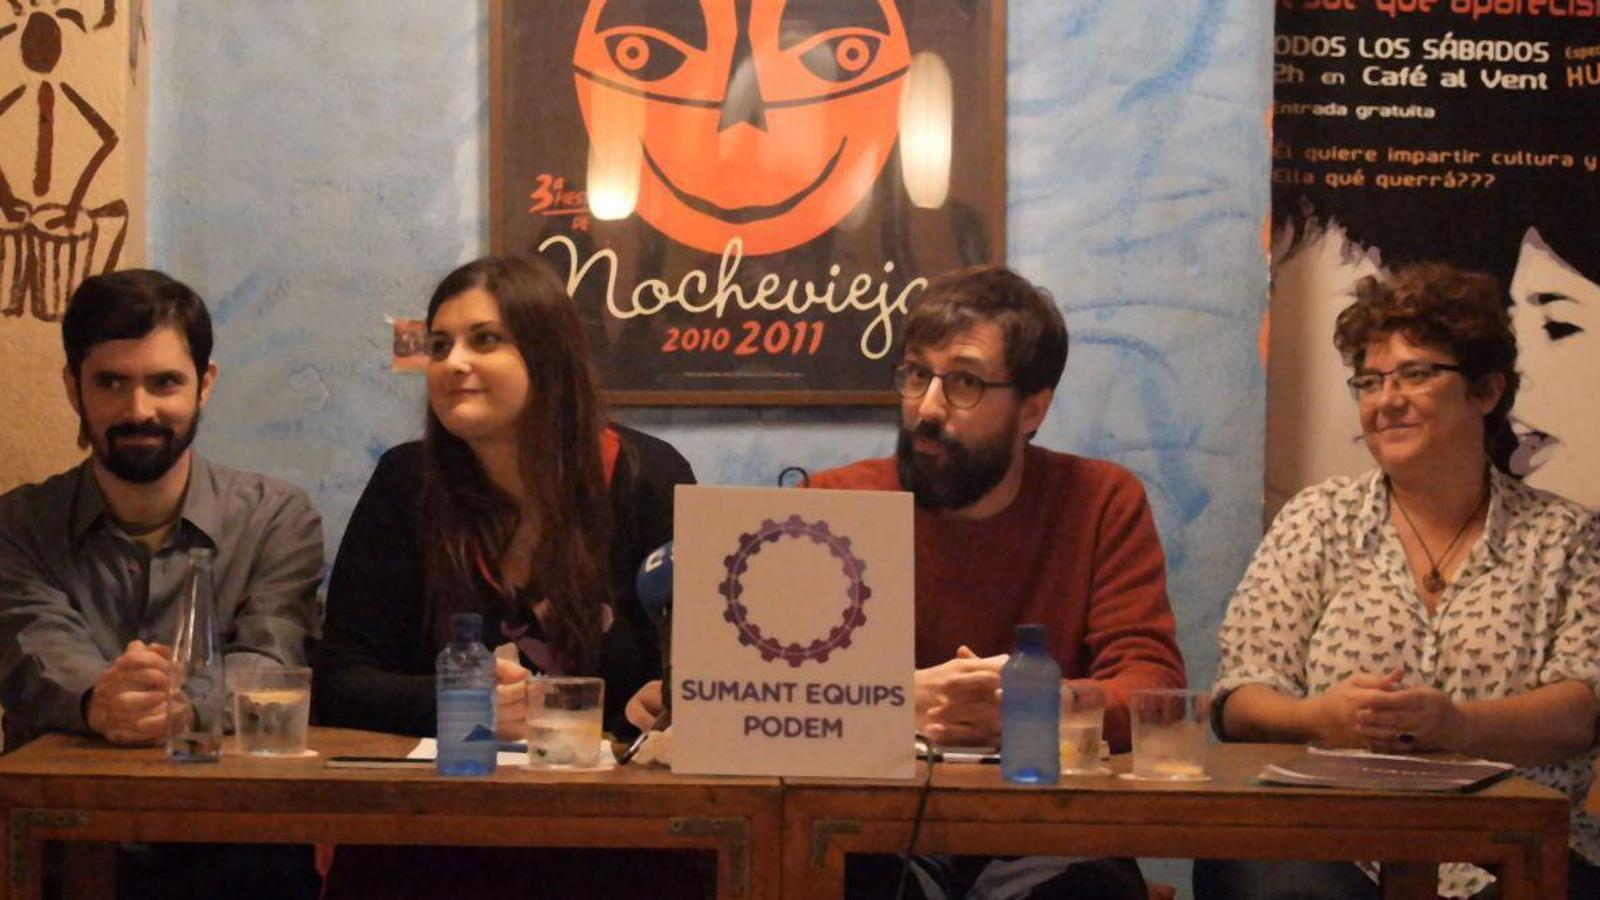 D'esquerra a dreta, Gerardo Costea, Aina Díaz, Pedro Deltell i Mar Mas, tots ells membres de la llista Sumant Equips Podem.